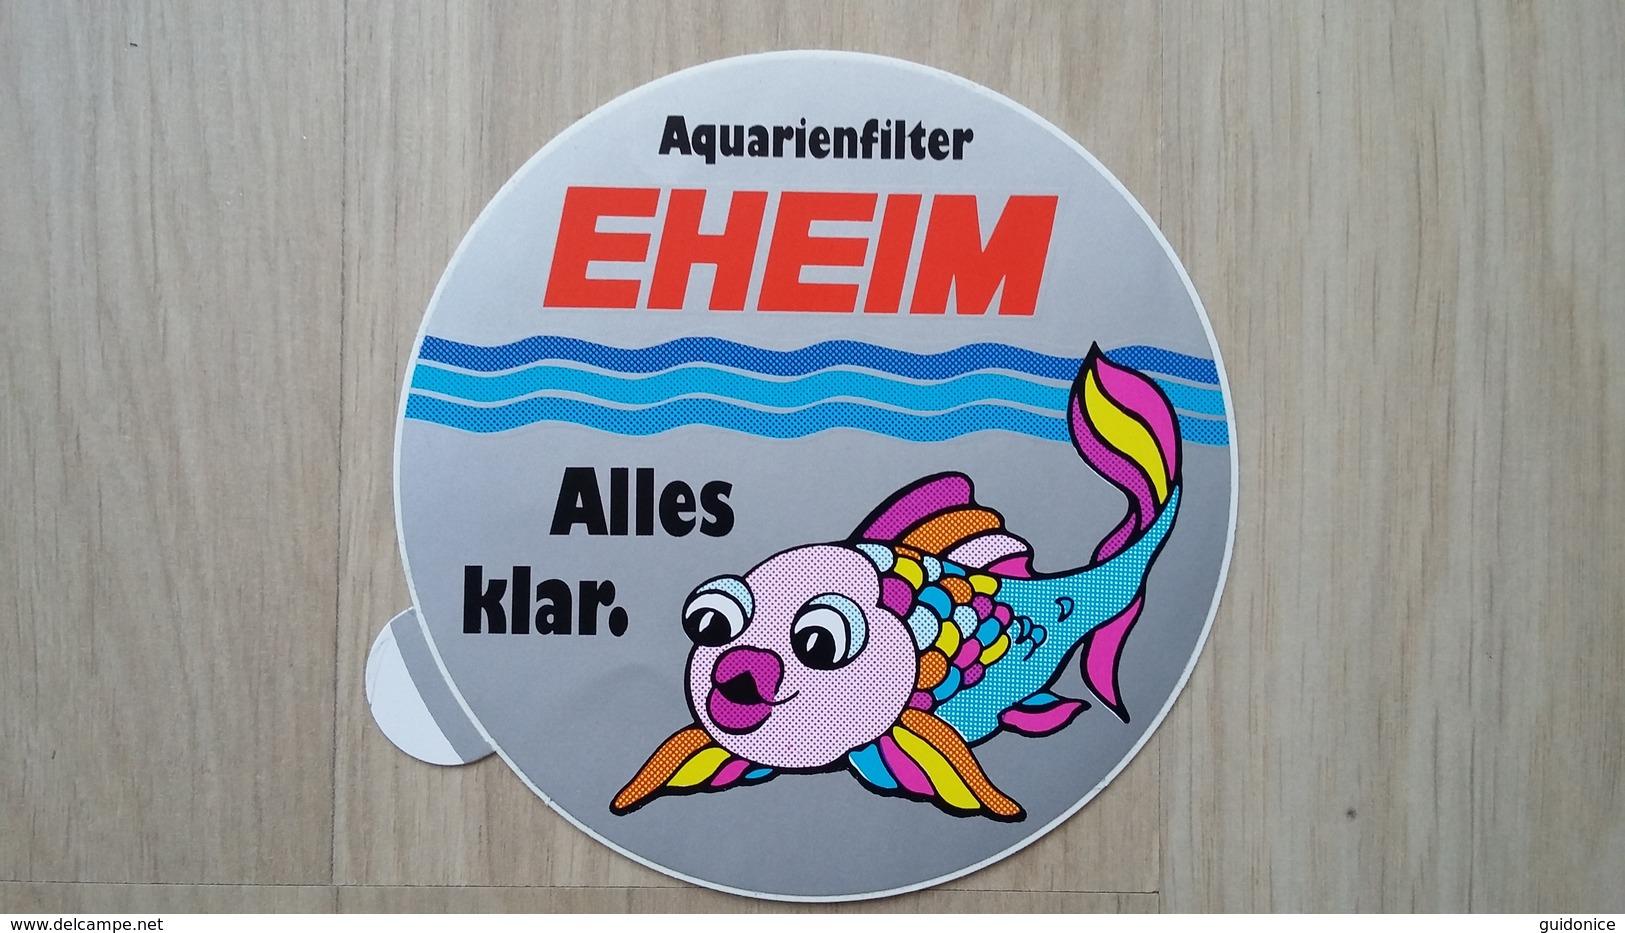 Aufkleber Mit Darstellung Eines Zierfisches (Aquaristik-Werbung) - Autocollants